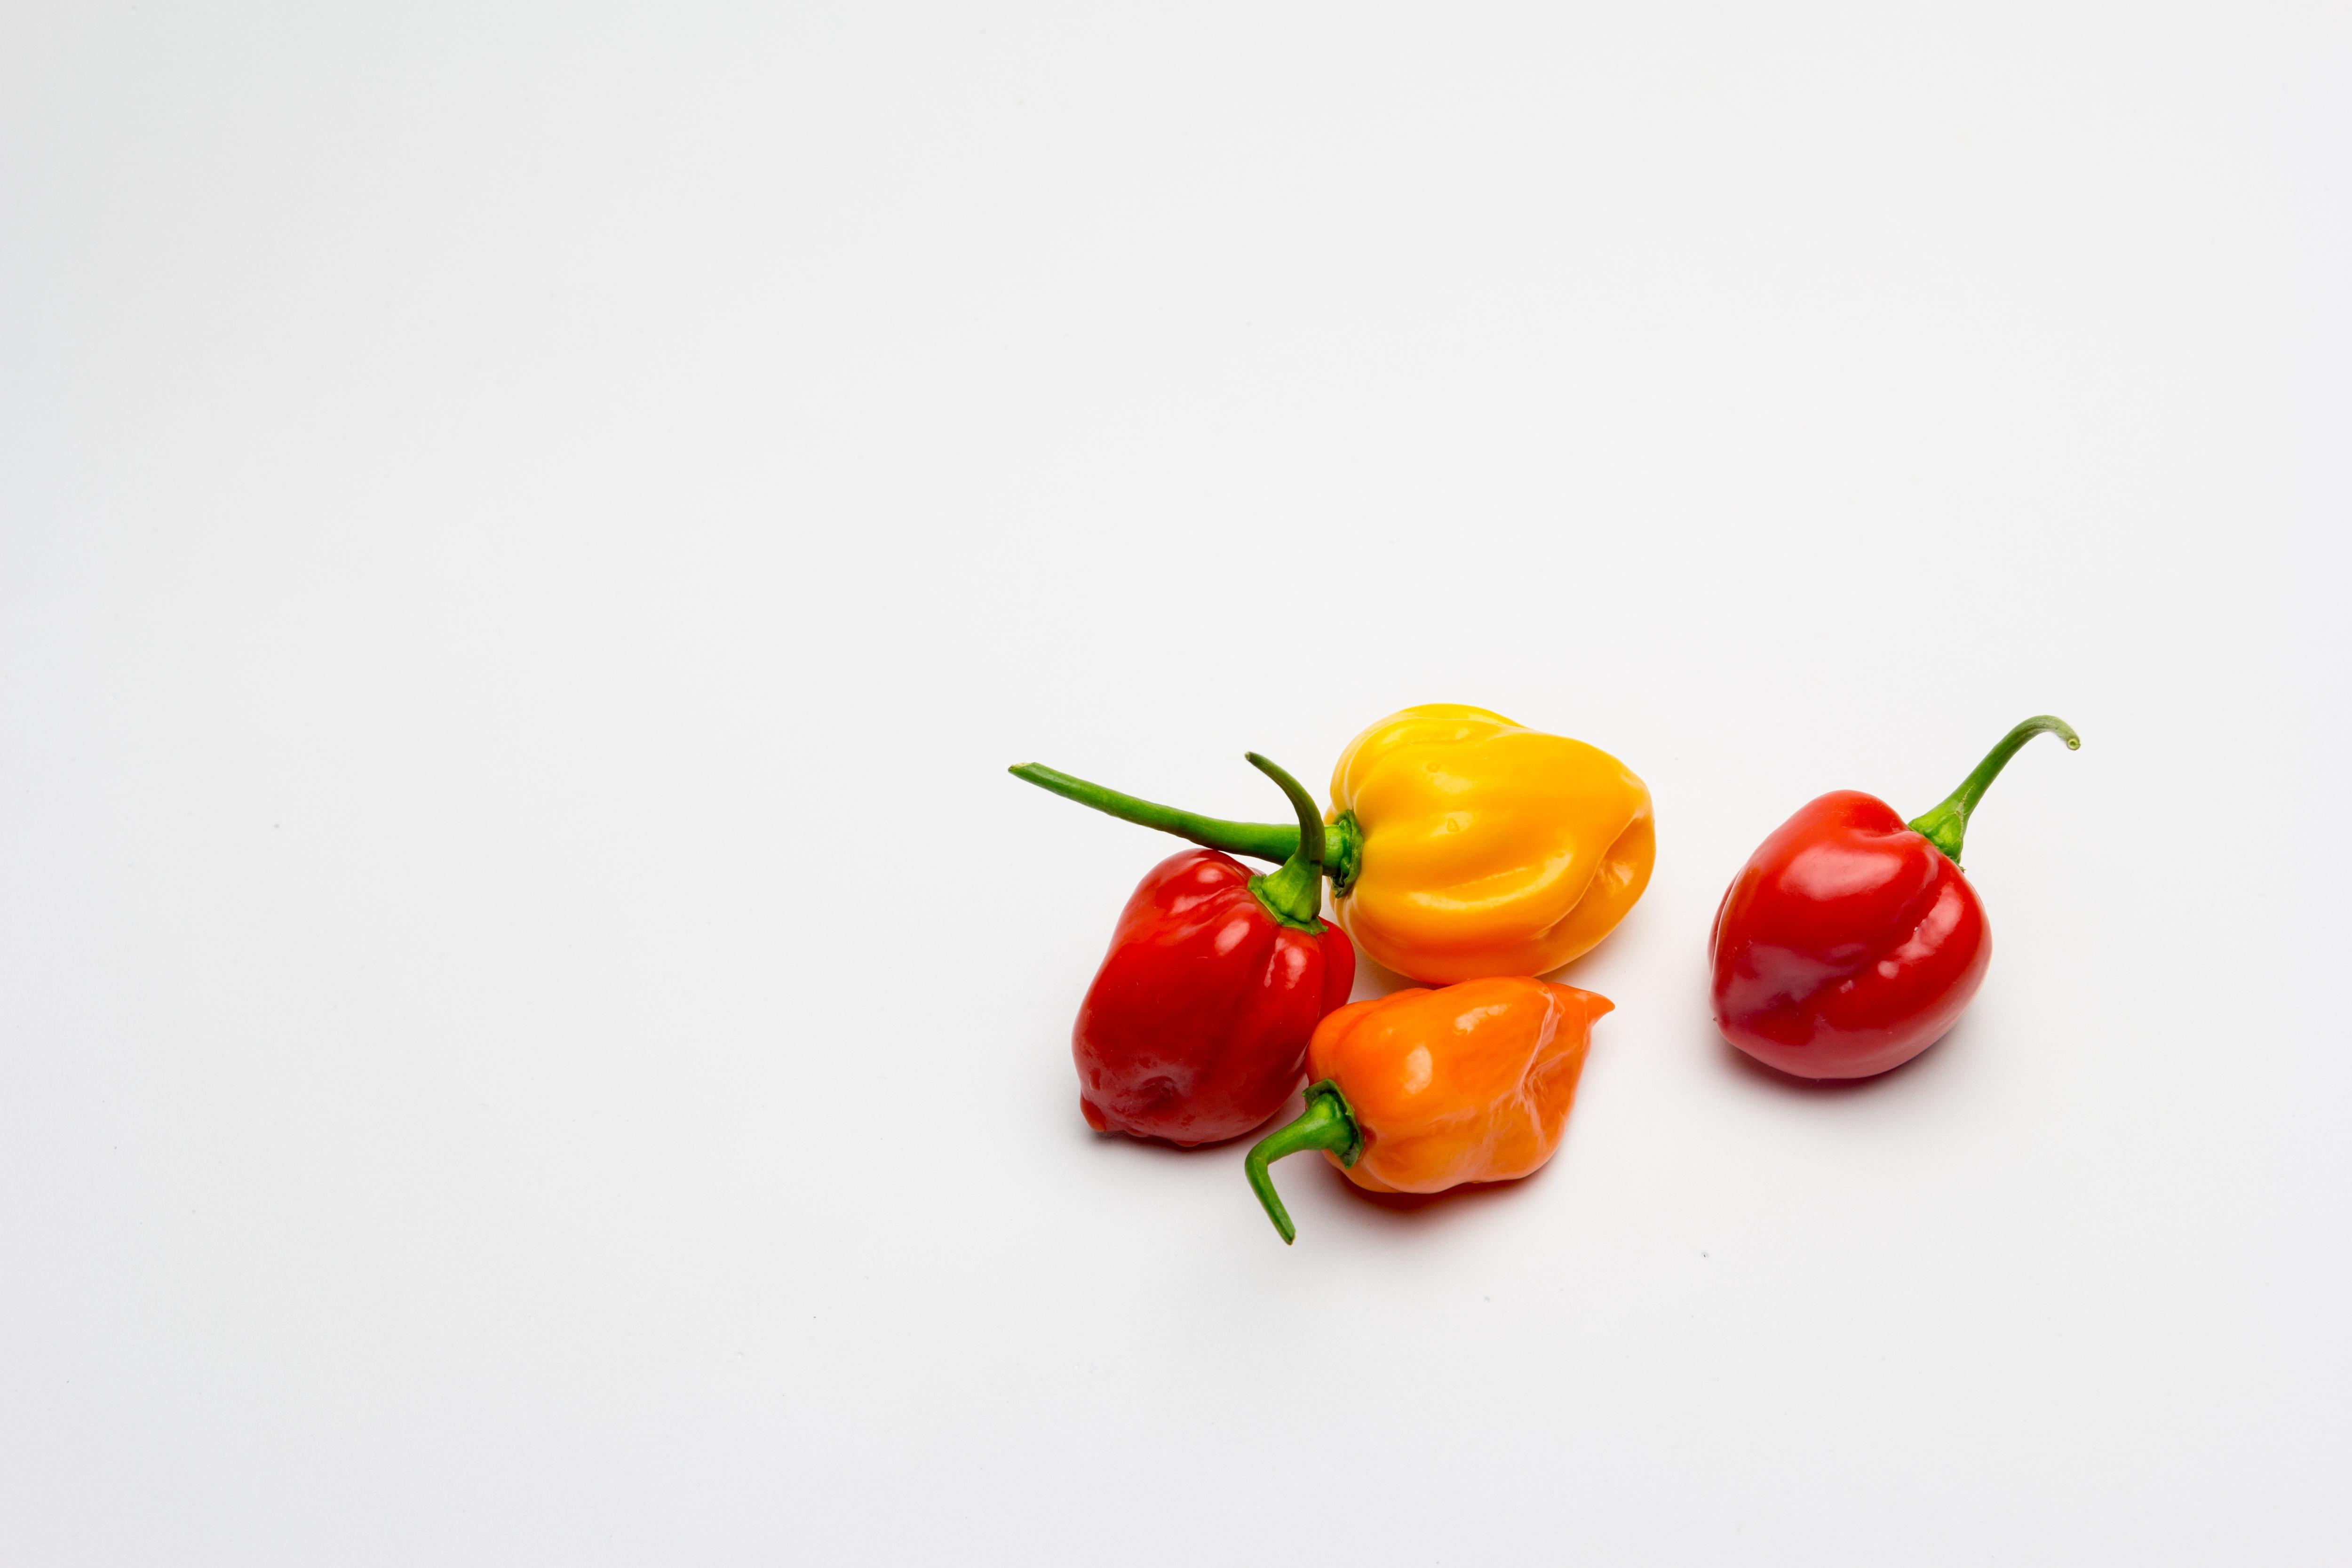 Kostenlose foto : Frucht, Orange, Lebensmittel, rot, produzieren ...